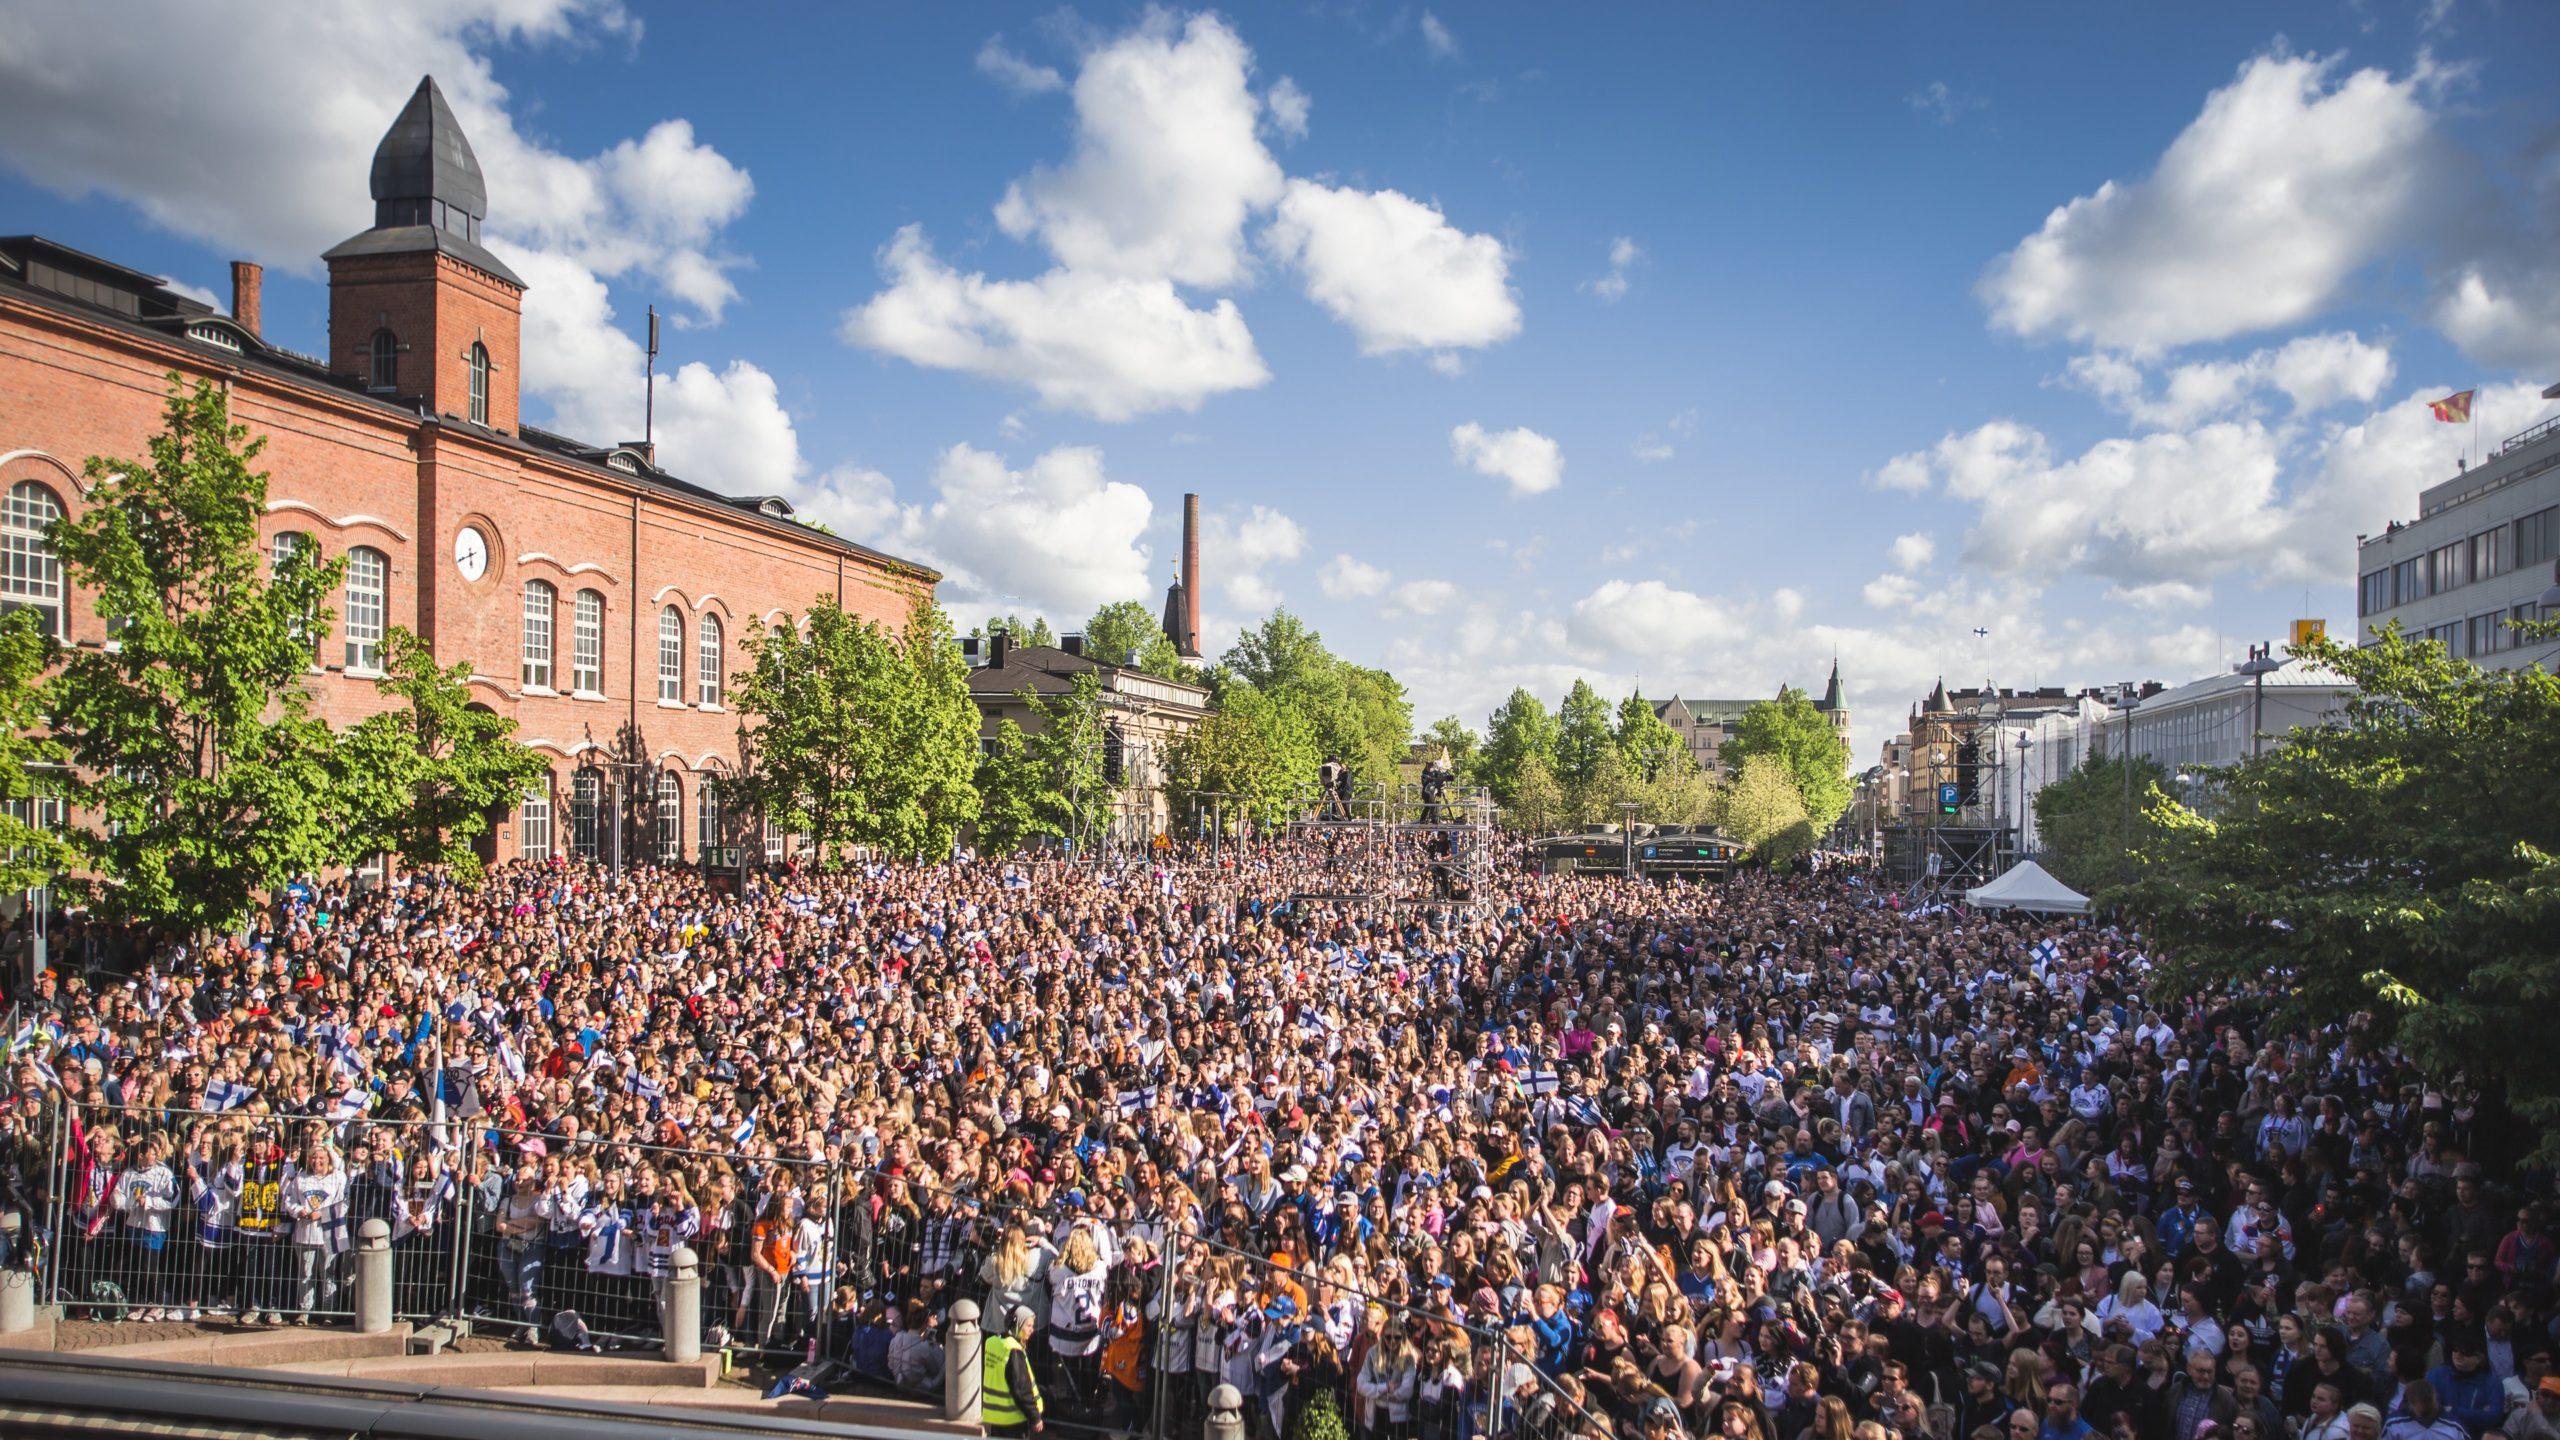 Tuhansia ihmisiä kuvattuna Tampereen Keskustorilla